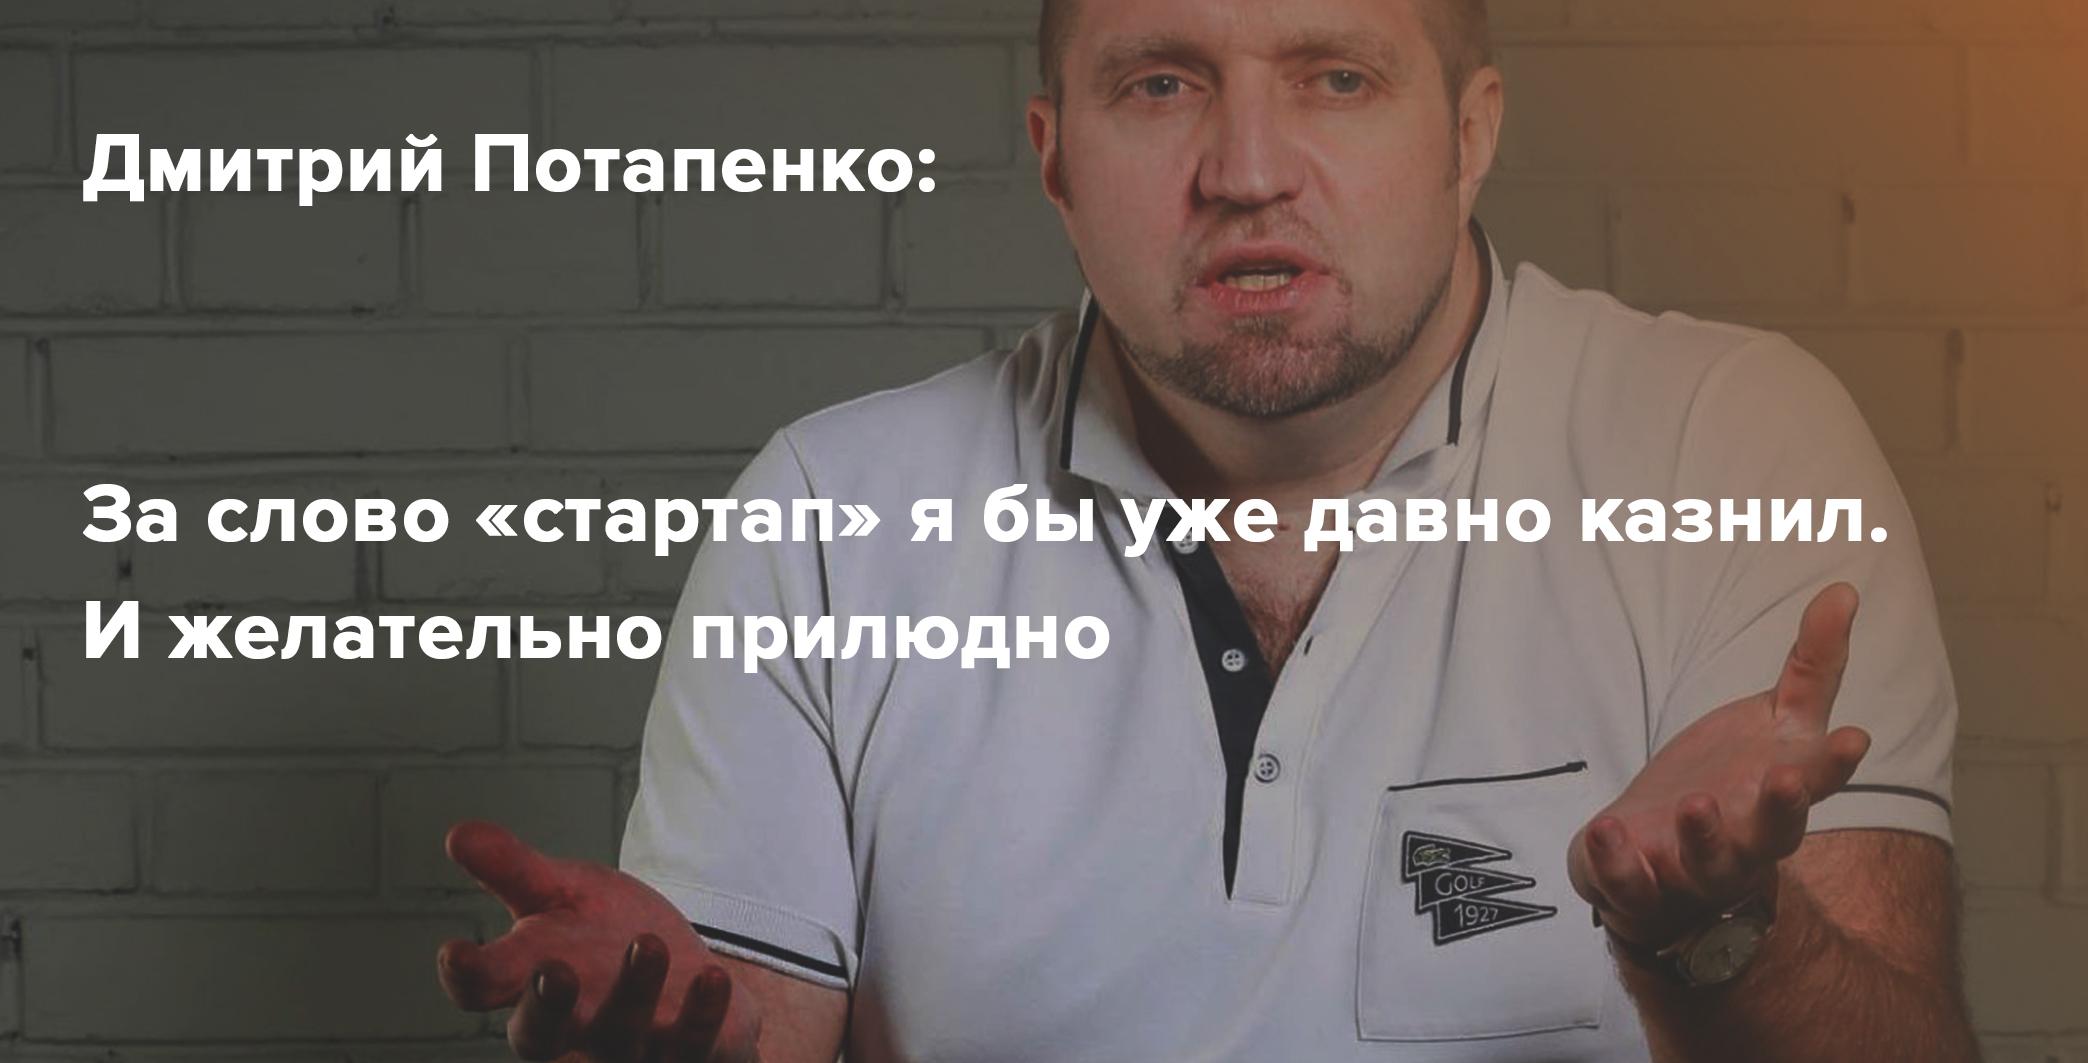 Дмитрий Потапенко: за слово «стартап» я бы уже казнил давно — и желательно прилюдно